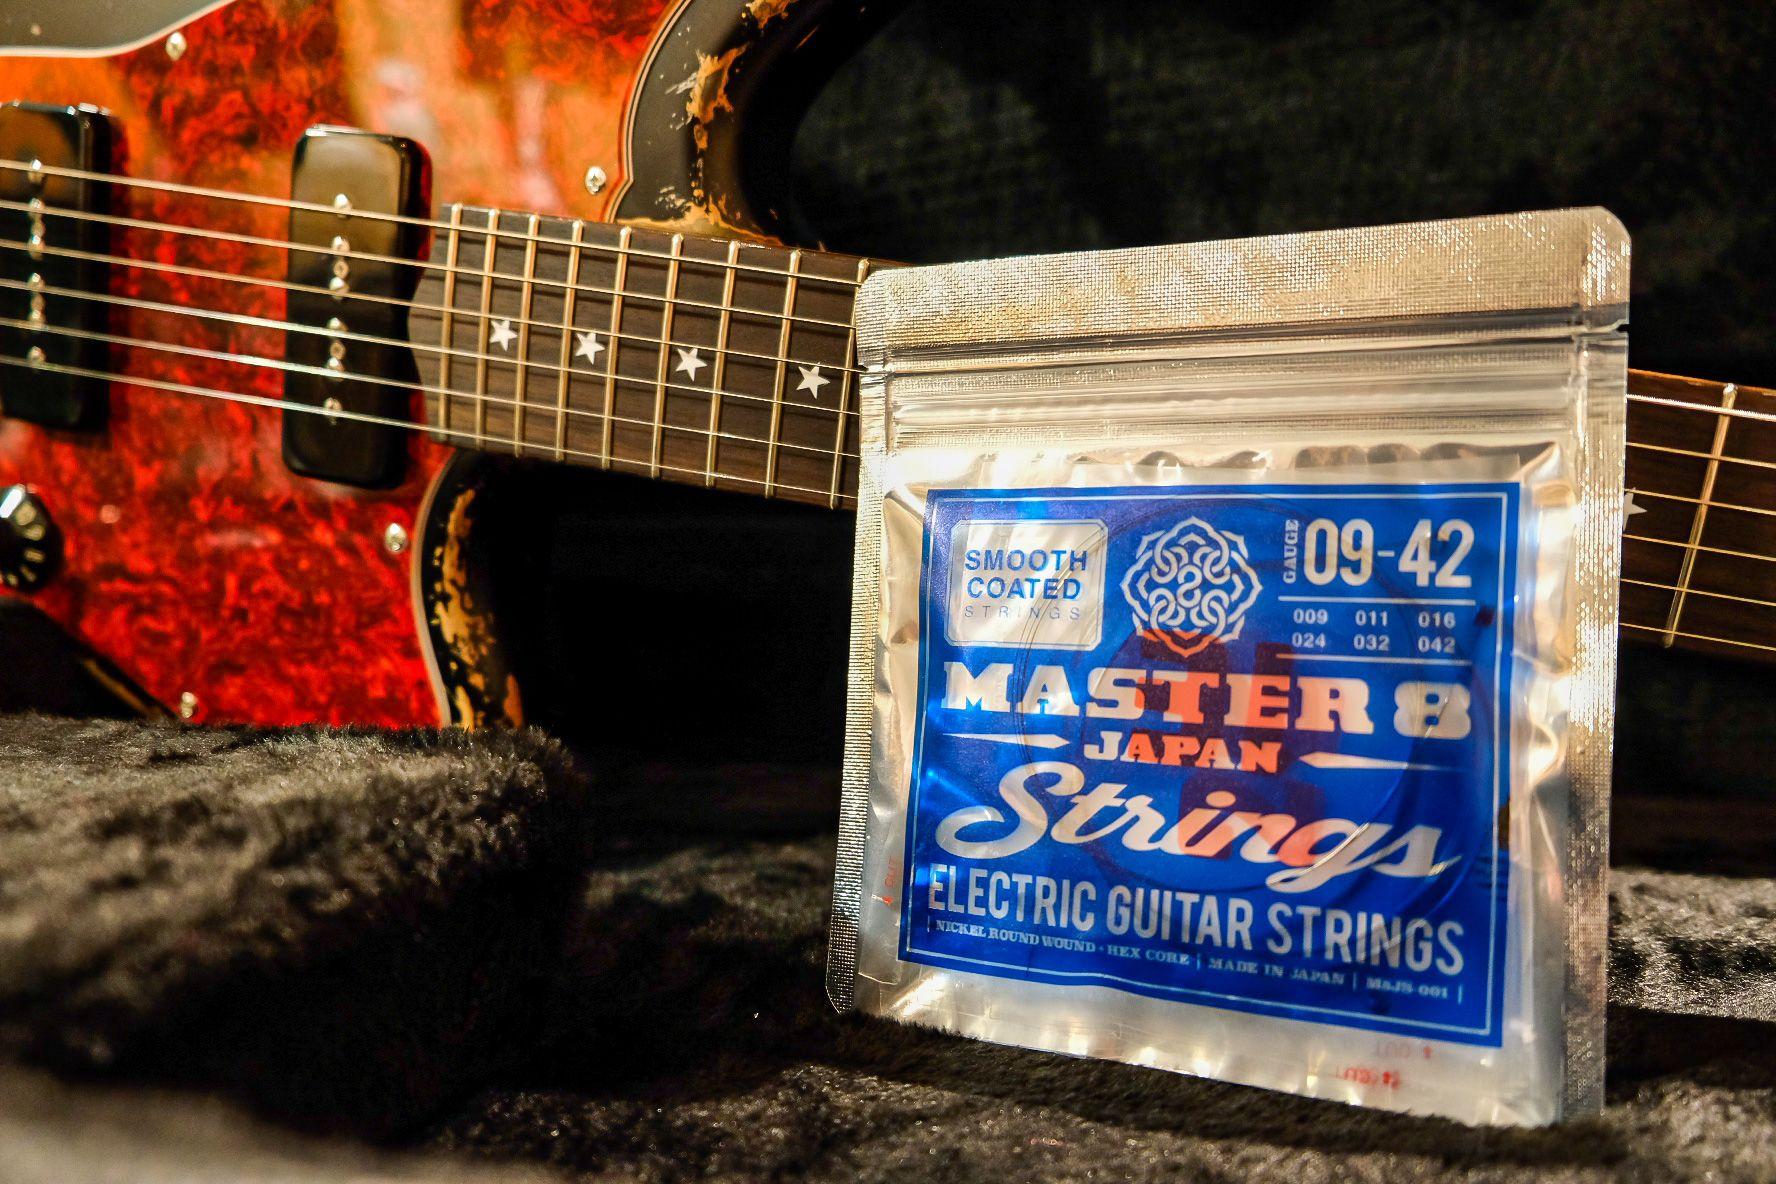 MASTER8から日本製エレキギターコーティング弦が発売開始!